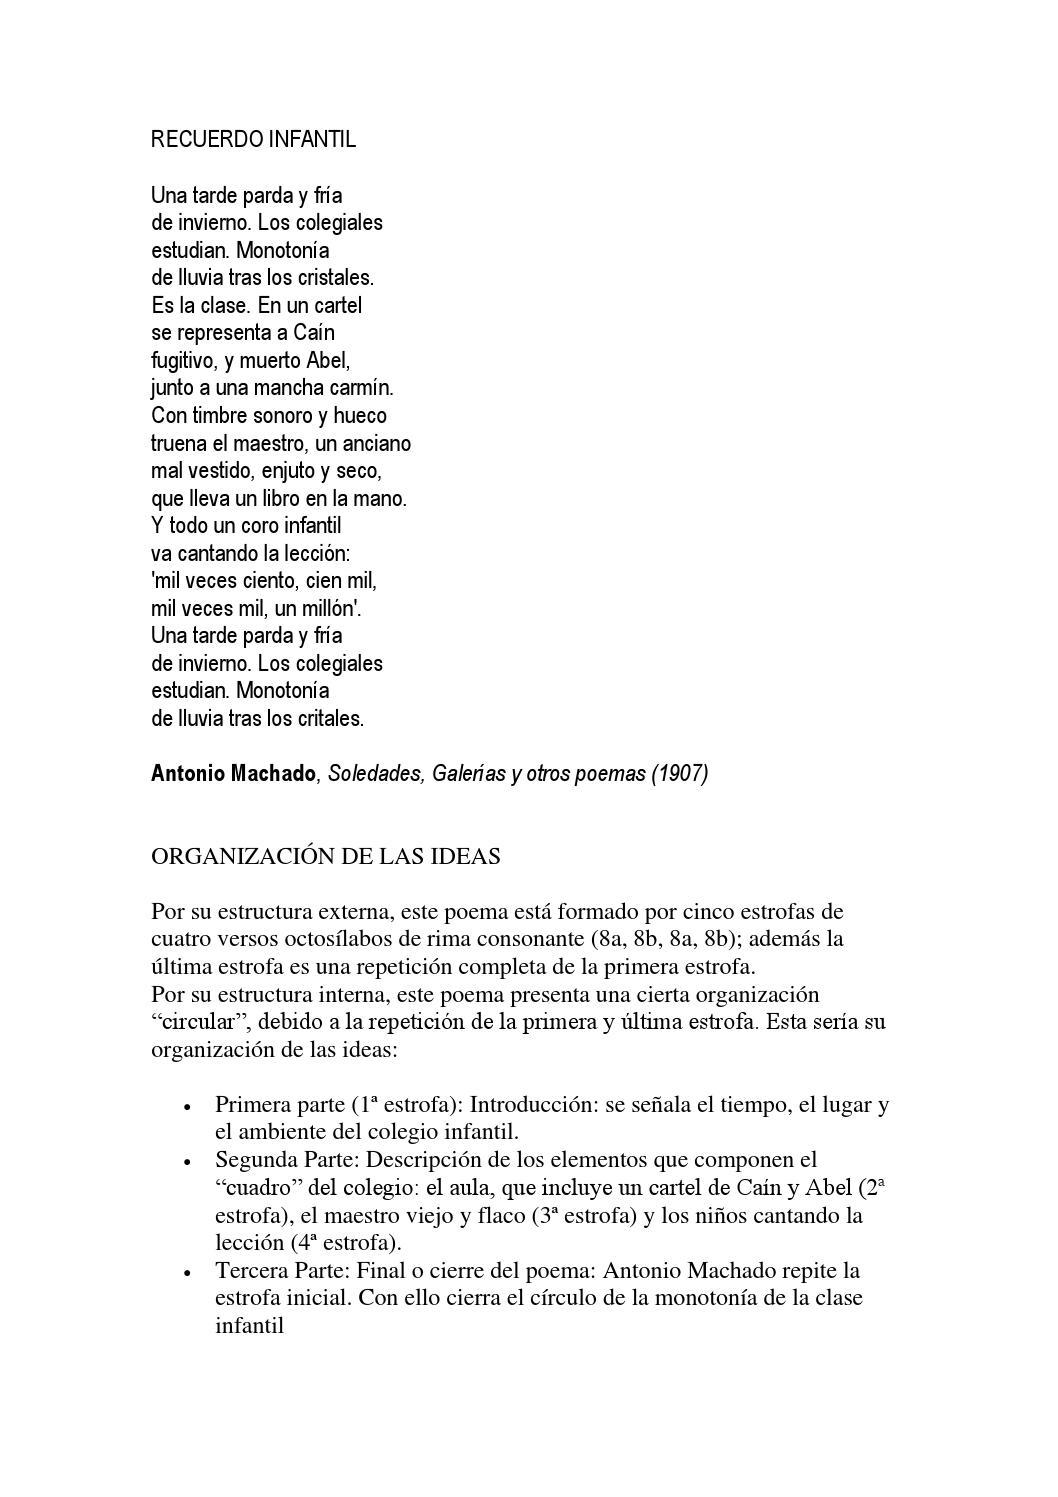 Recuerdo Infantil Comentario De Un Poema De Antonio Machado